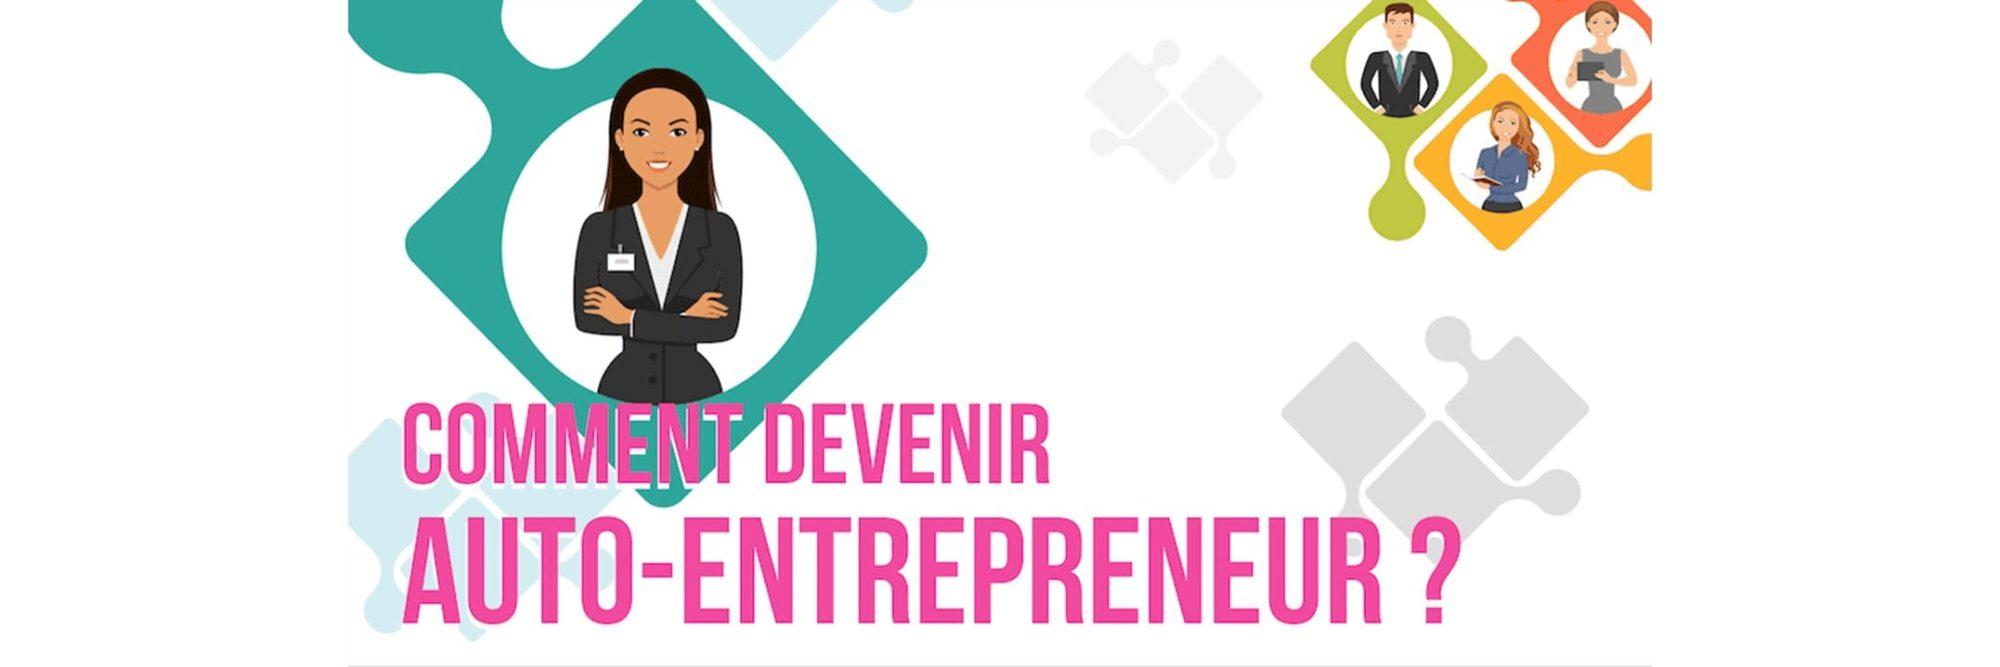 Comment devenir auto-entrepreneur facilement en 10 étapes ?